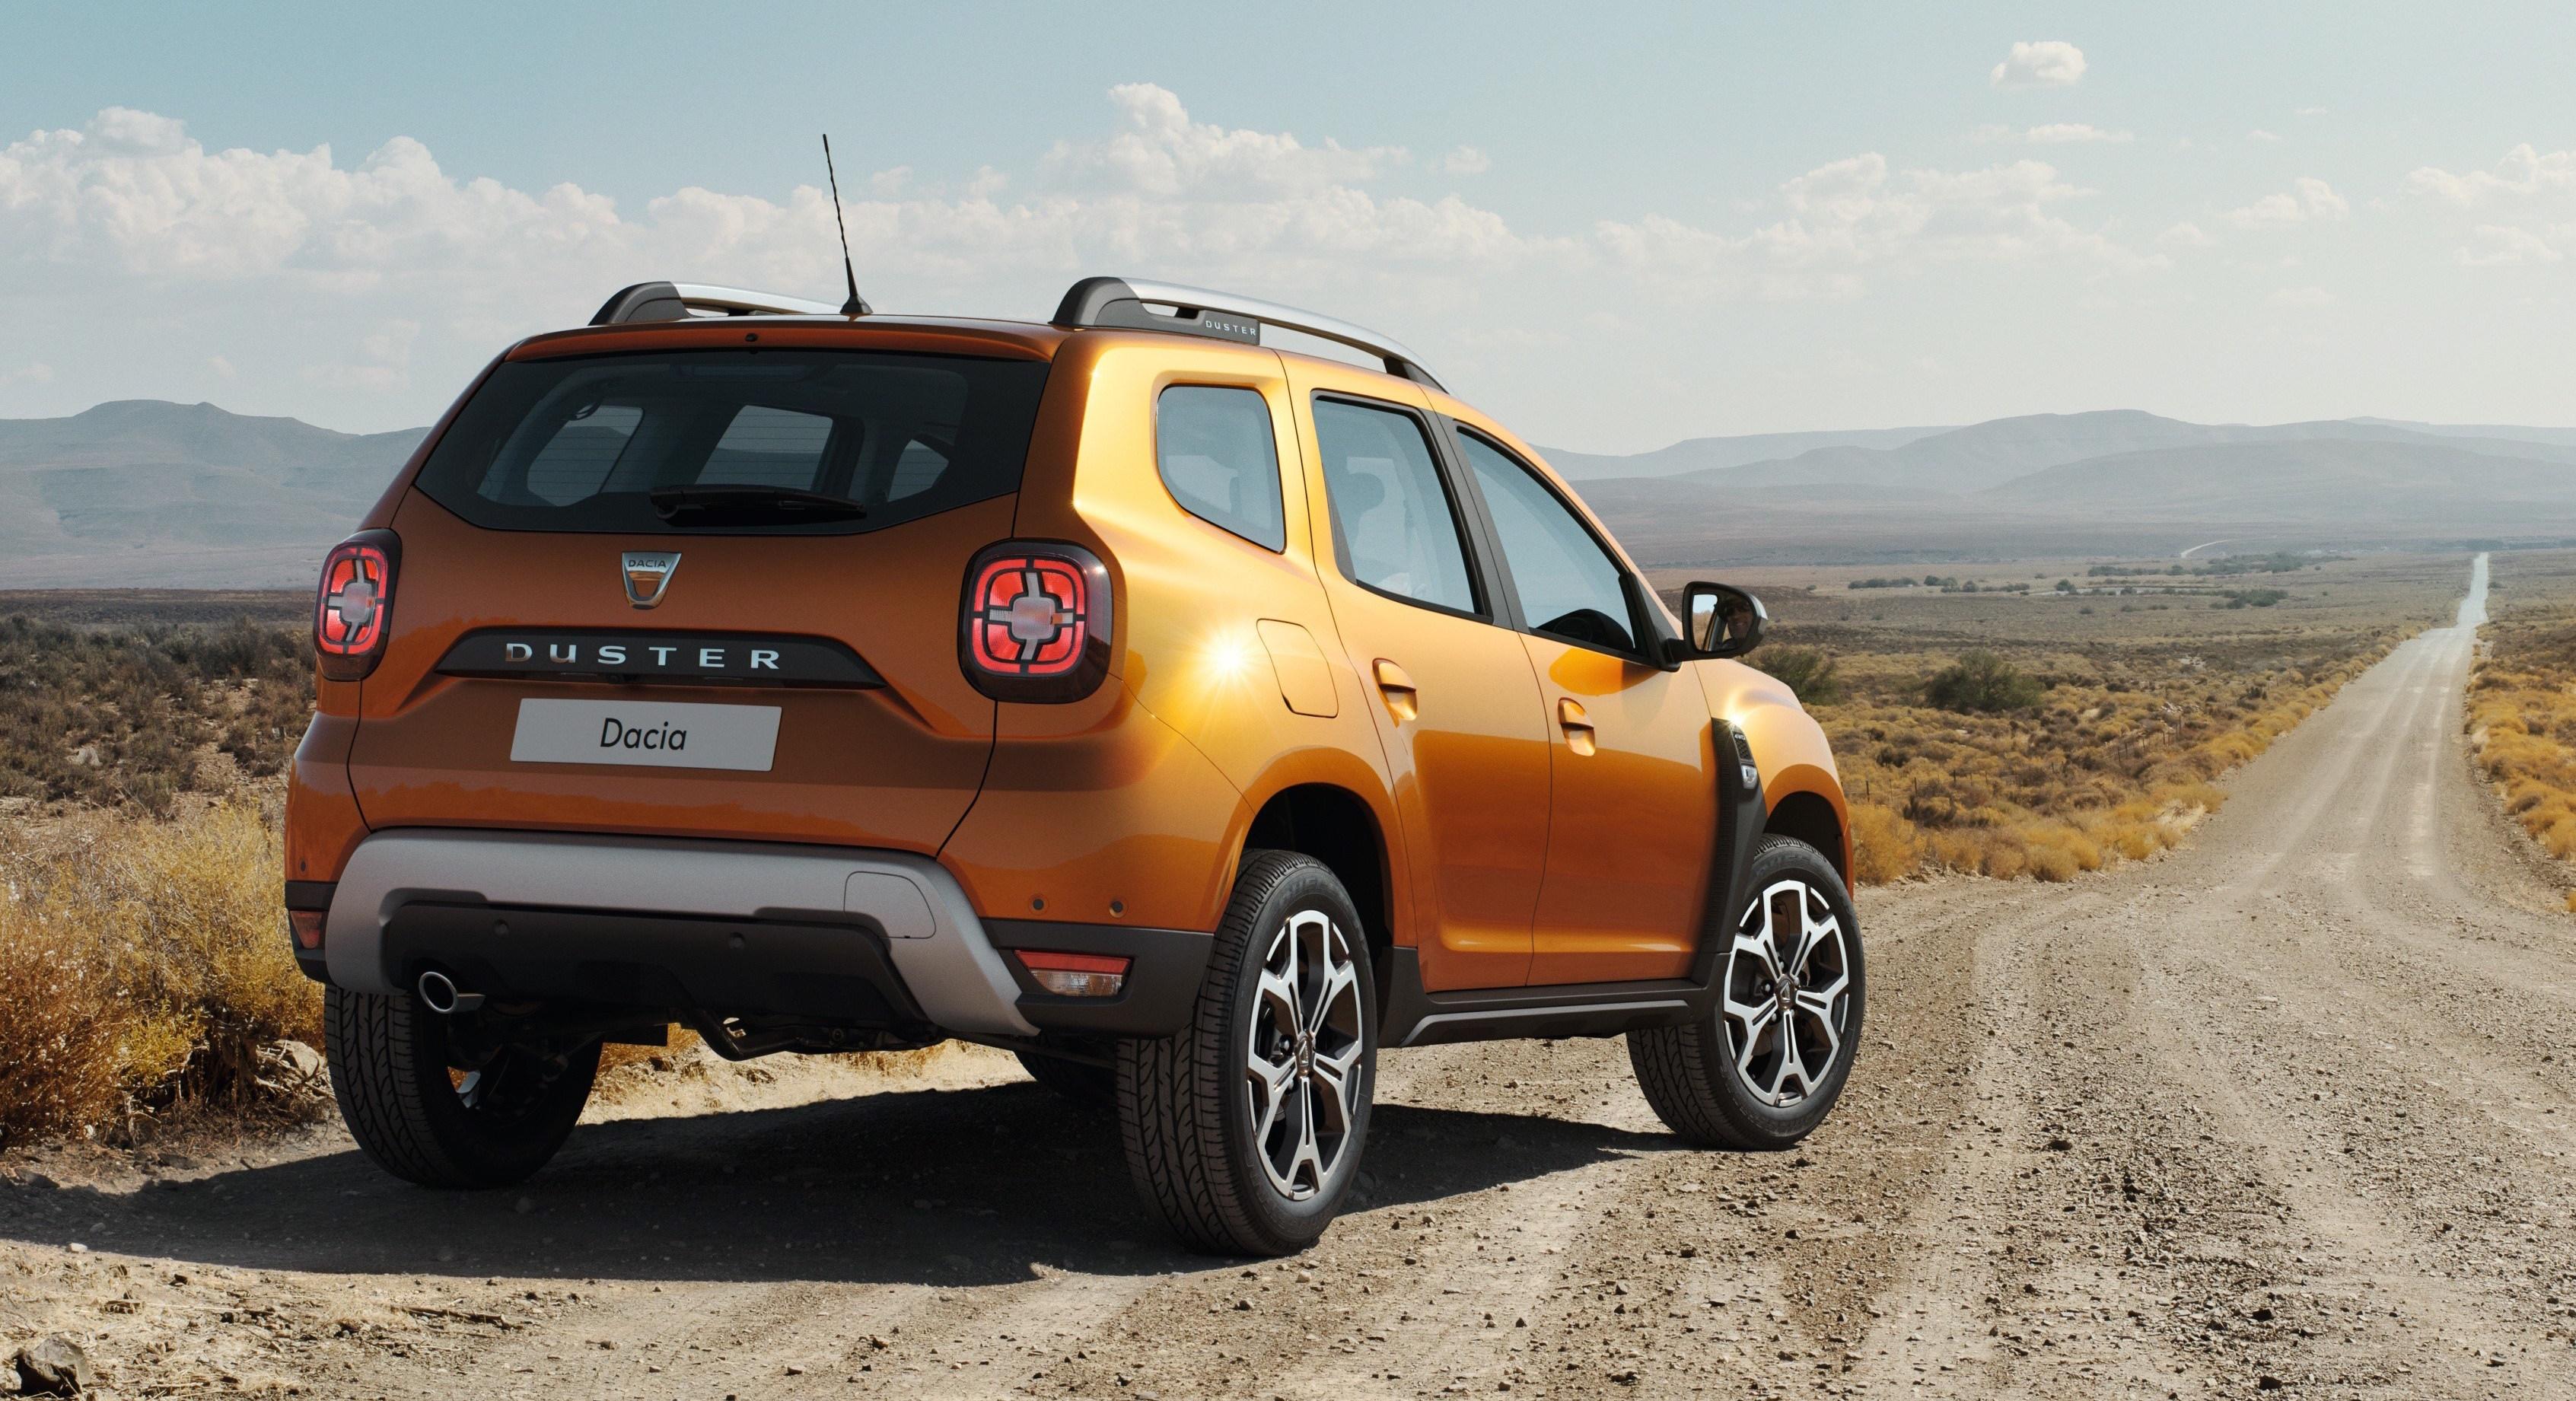 New Tucson 2018 >> 2018 Dacia Duster revealed, moving upmarket - Photos (1 of 8)